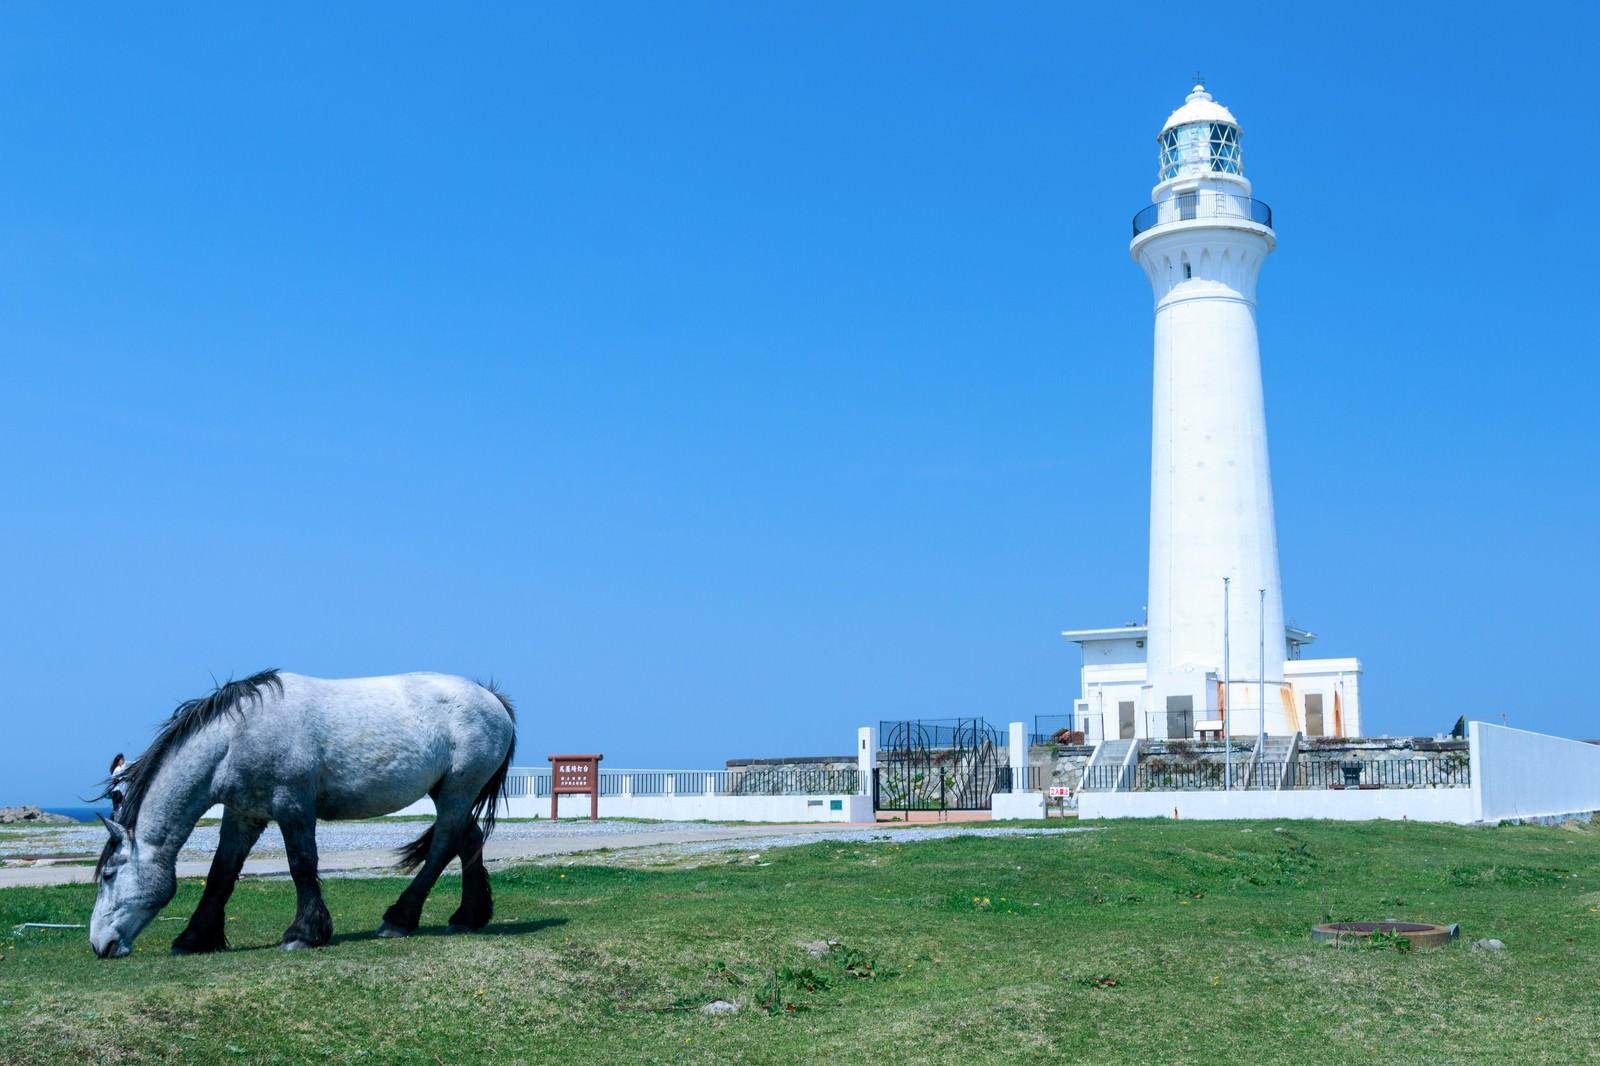 「灯台と馬」の写真